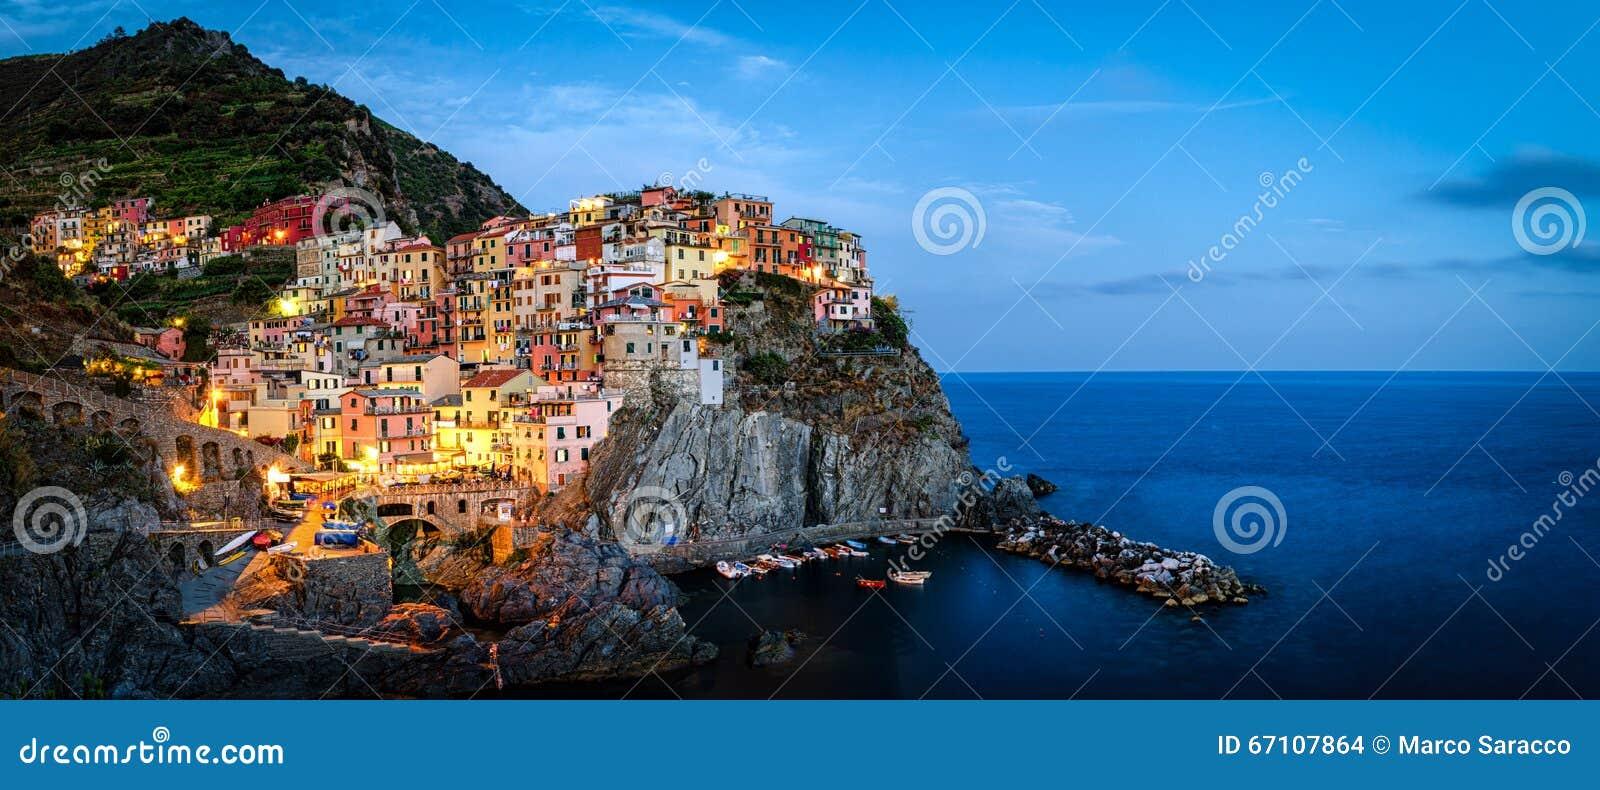 Manarola, Cinque Terre (Italiener Riviera, Ligurien)